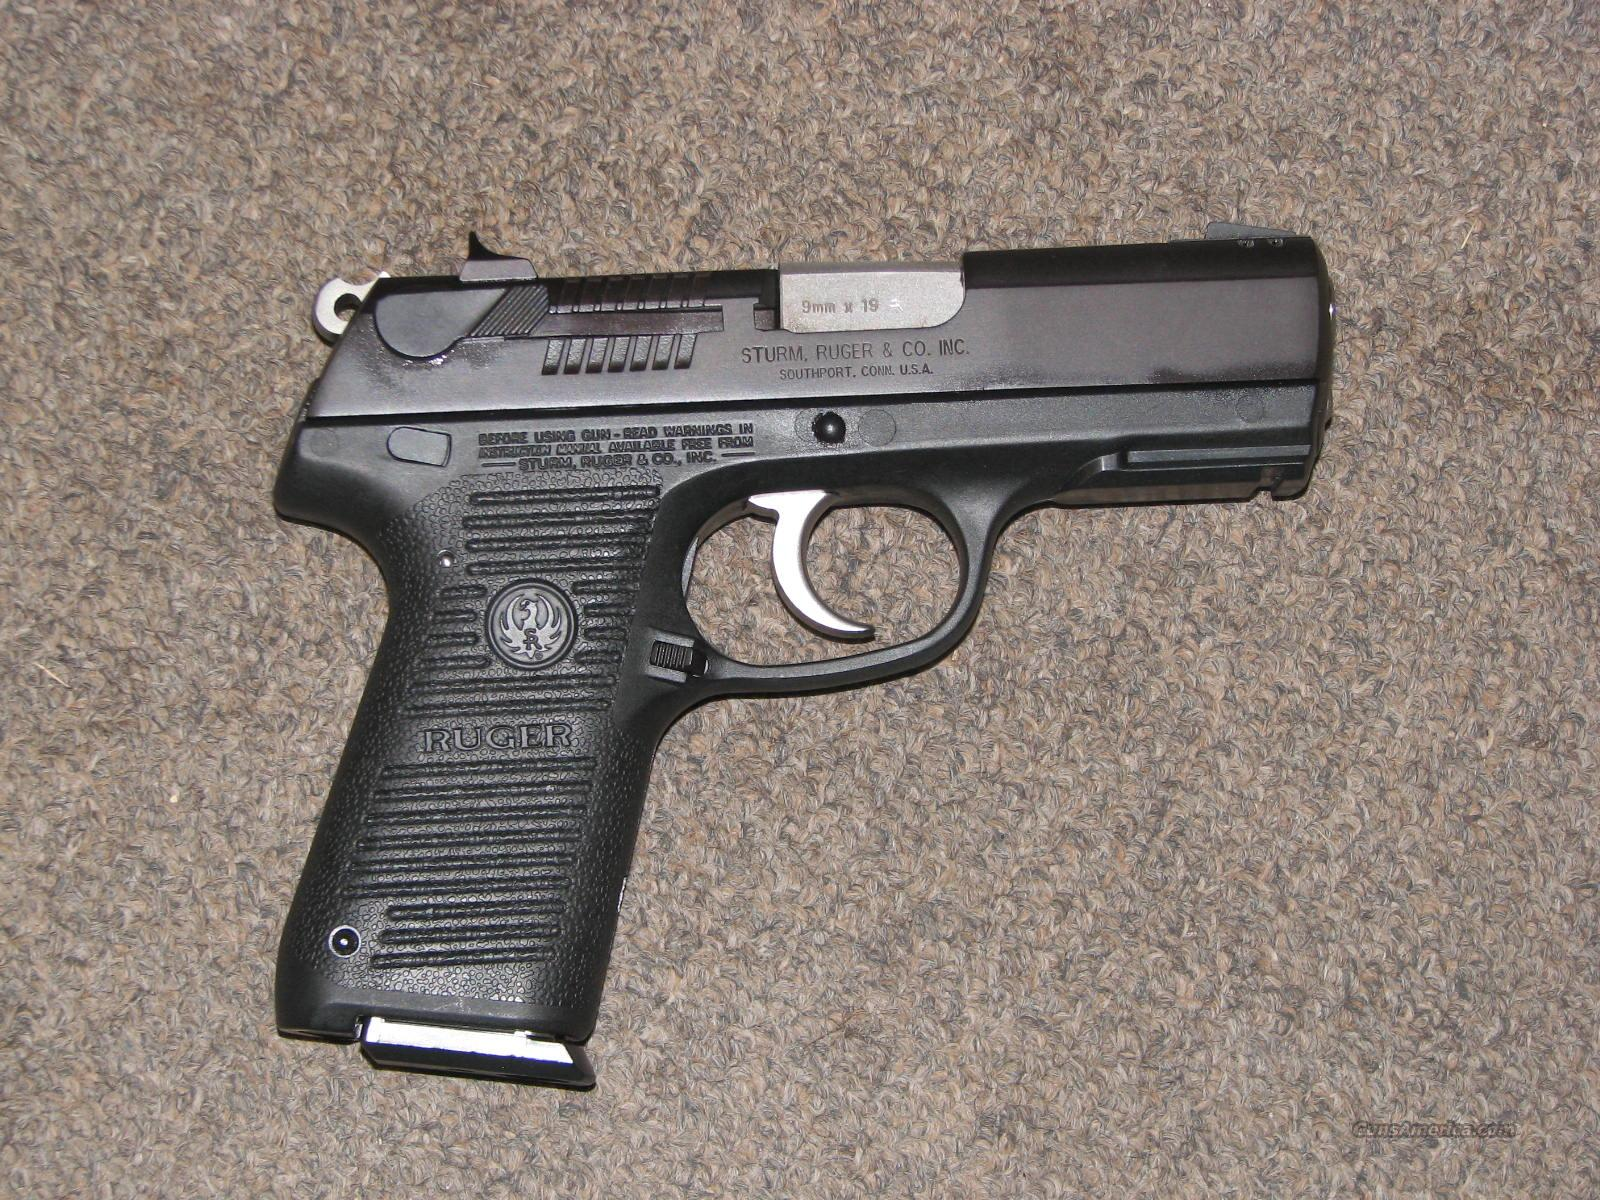 Ruger P95 9mm Pistol For Sale